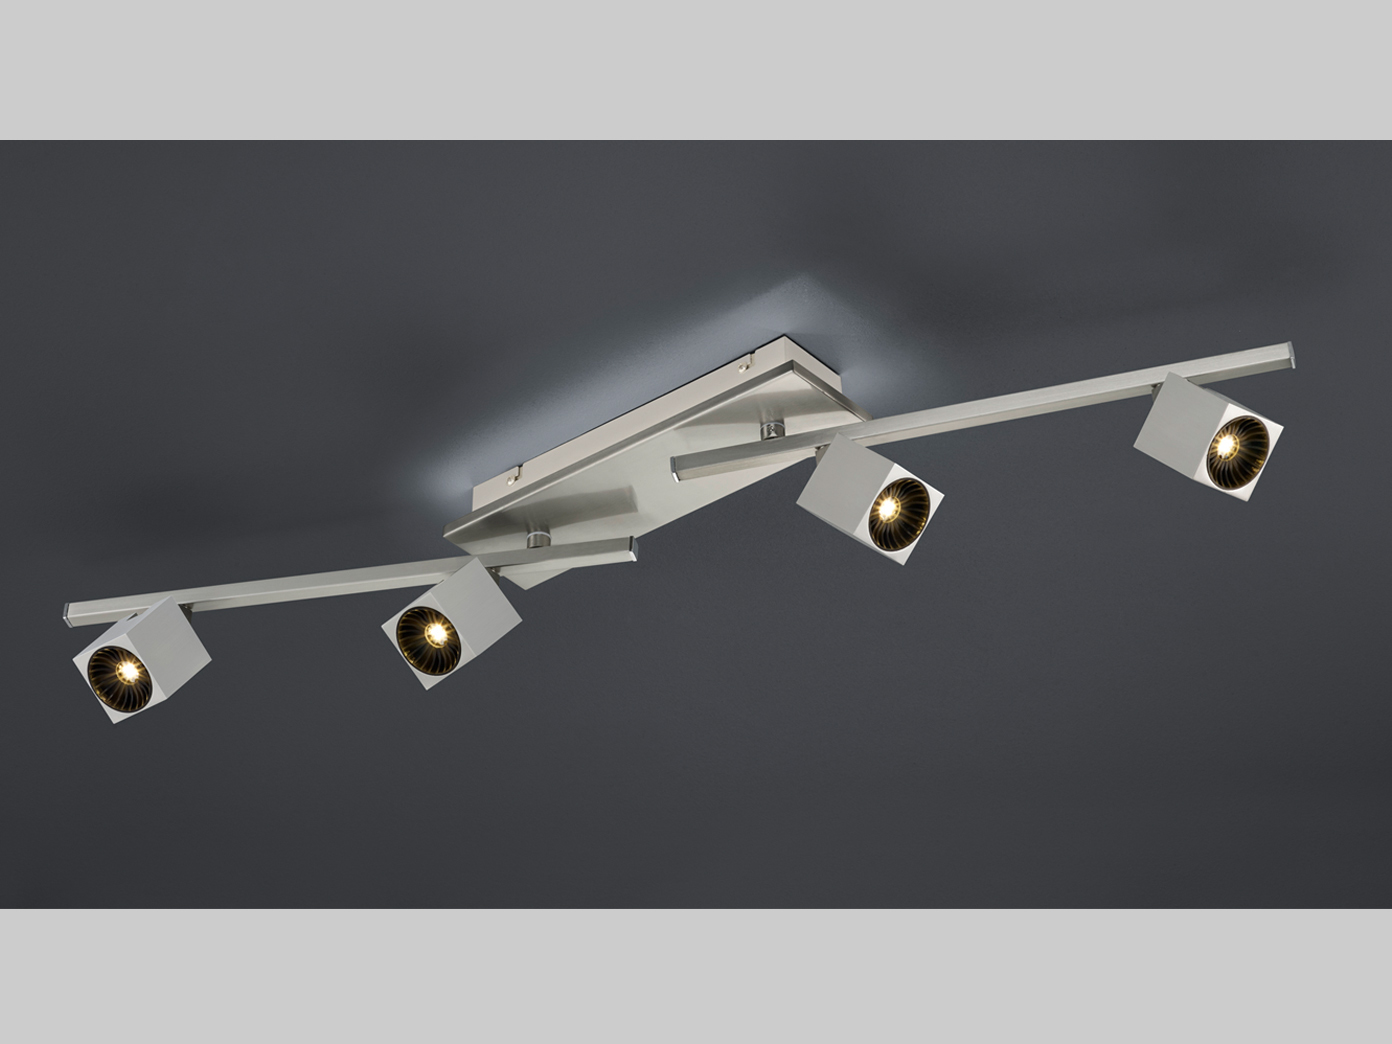 LED Deckenleuchte 4fl. in Nickel matt mit indirekter Beleuchtung für ...